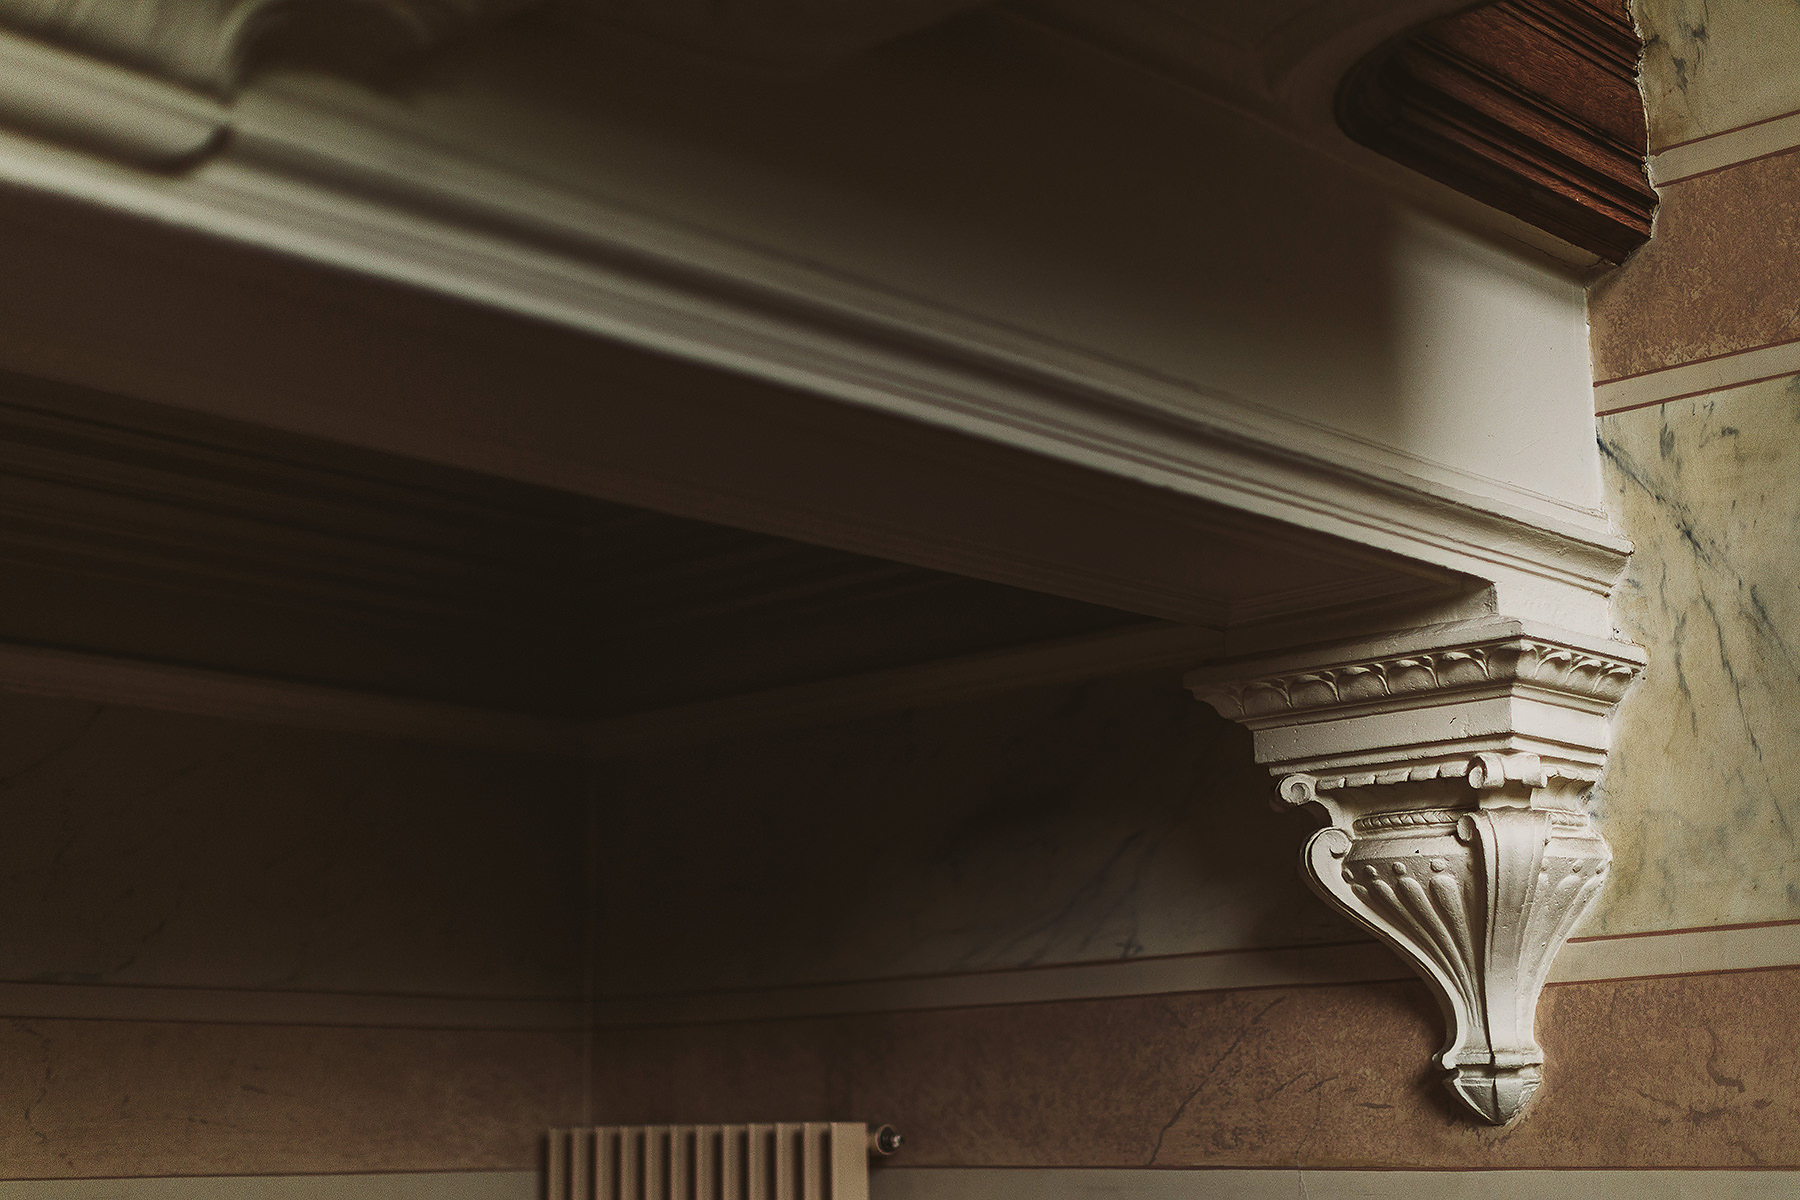 edificio-BS_details-73